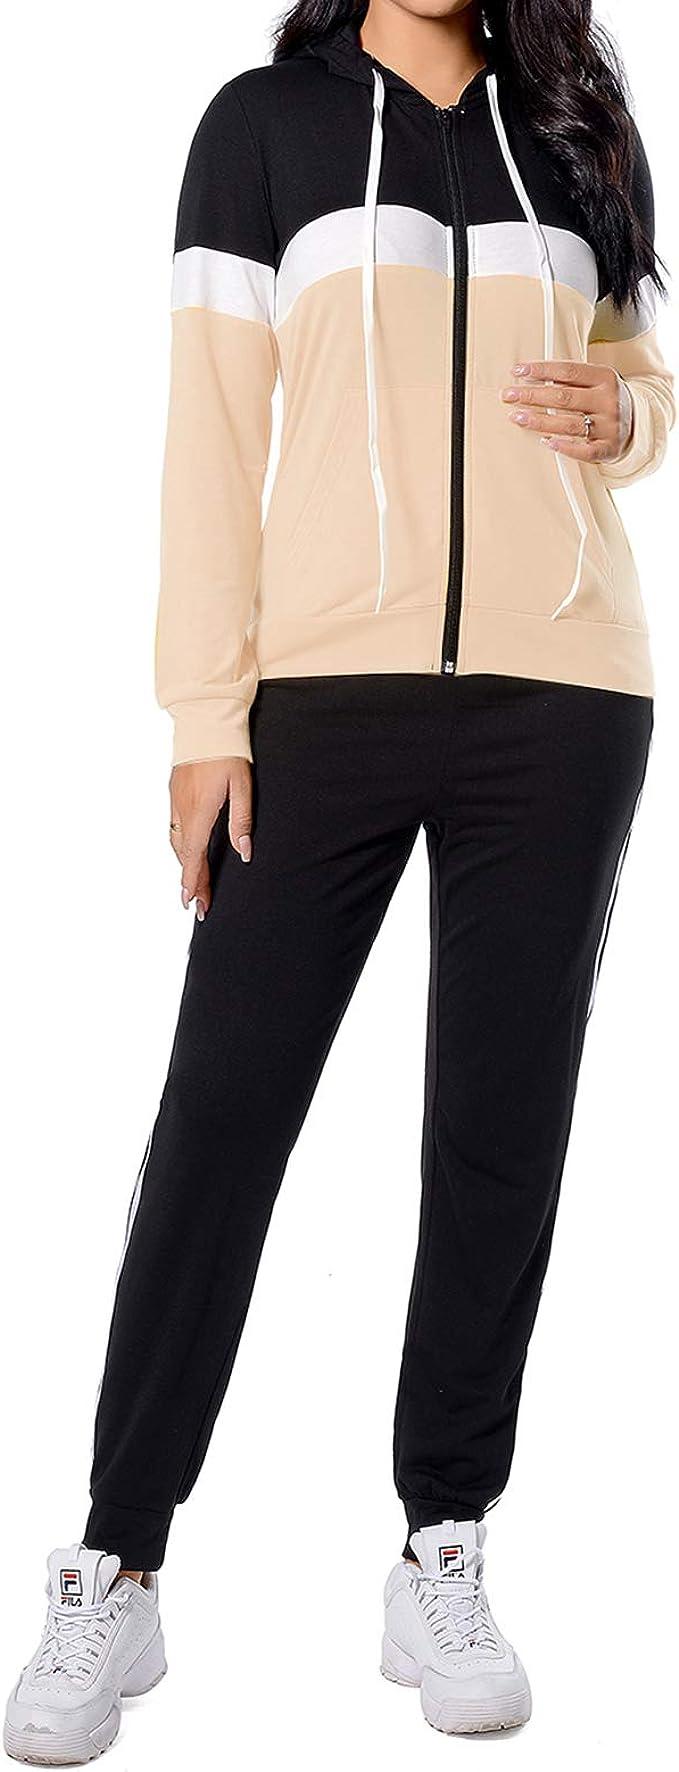 2Pcs Women Tracksuit Jacket Pants Sets Sport Wear Velvet Zipper Suit Gym*Outfits